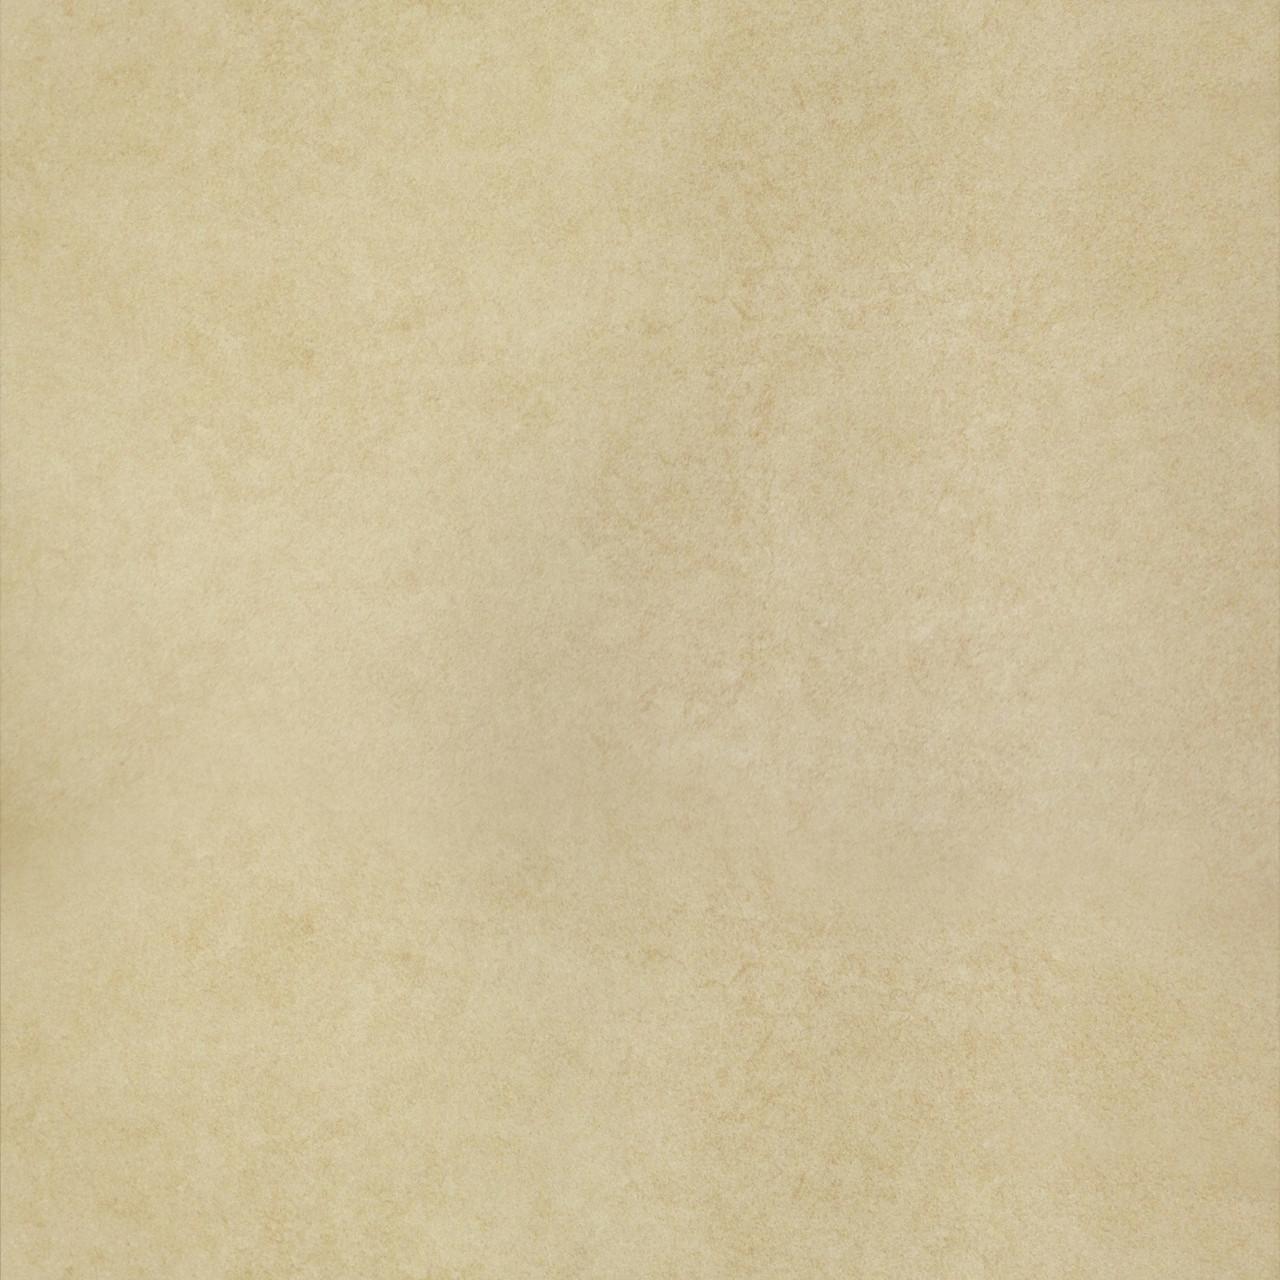 Плитка для пола глазурованная Arc YL 480x480